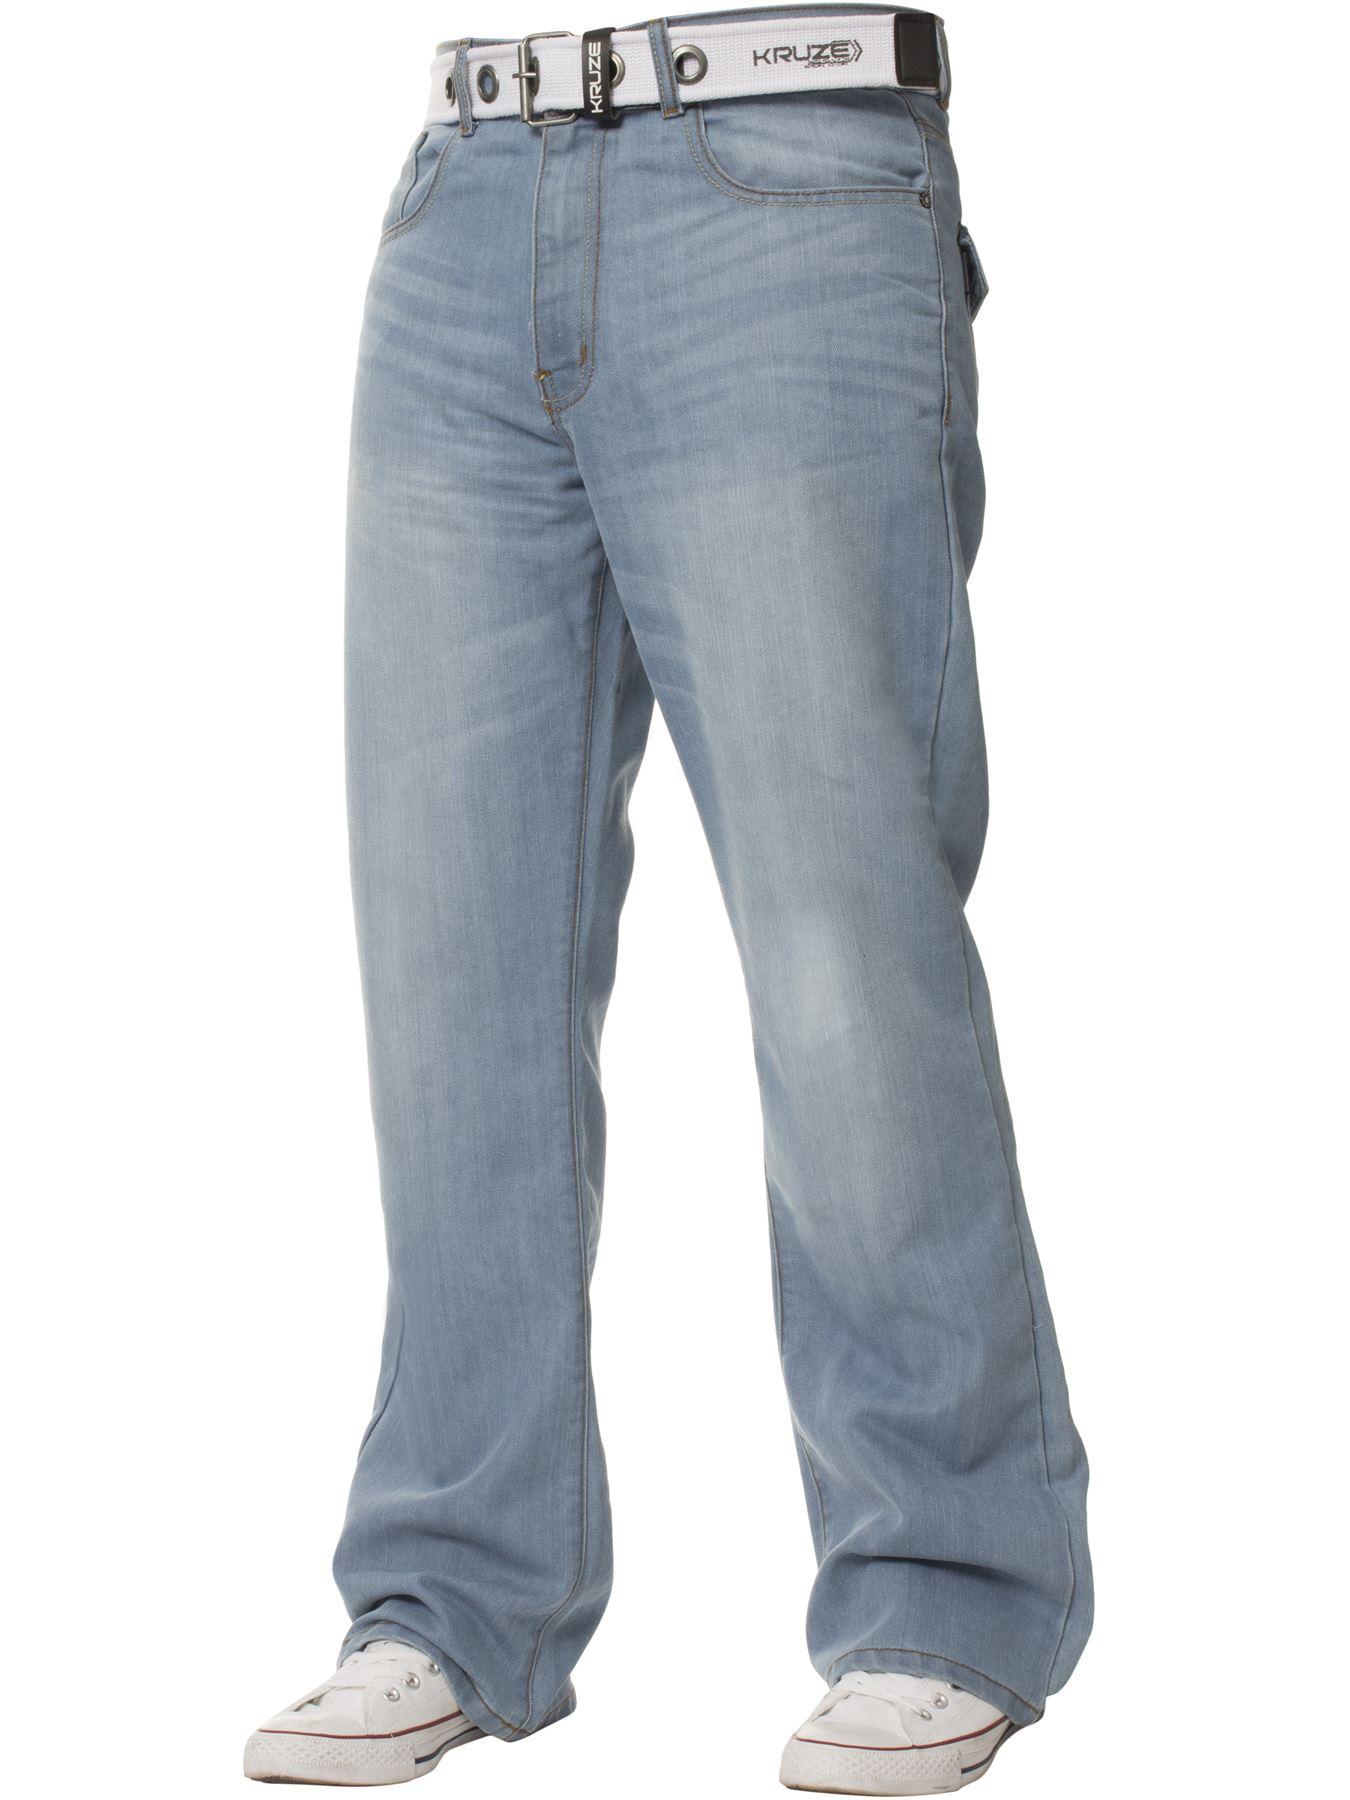 Kruze-Denim-Nuevo-Para-Hombre-Bootcut-Pierna-Ancha-Flare-Pantalones-Cintura-Tallas-Grandes-Rey-todos miniatura 15